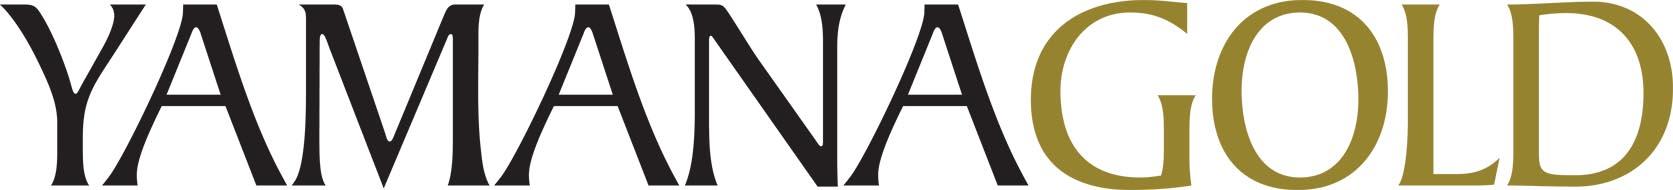 YAMANA GOLD INC. Logo